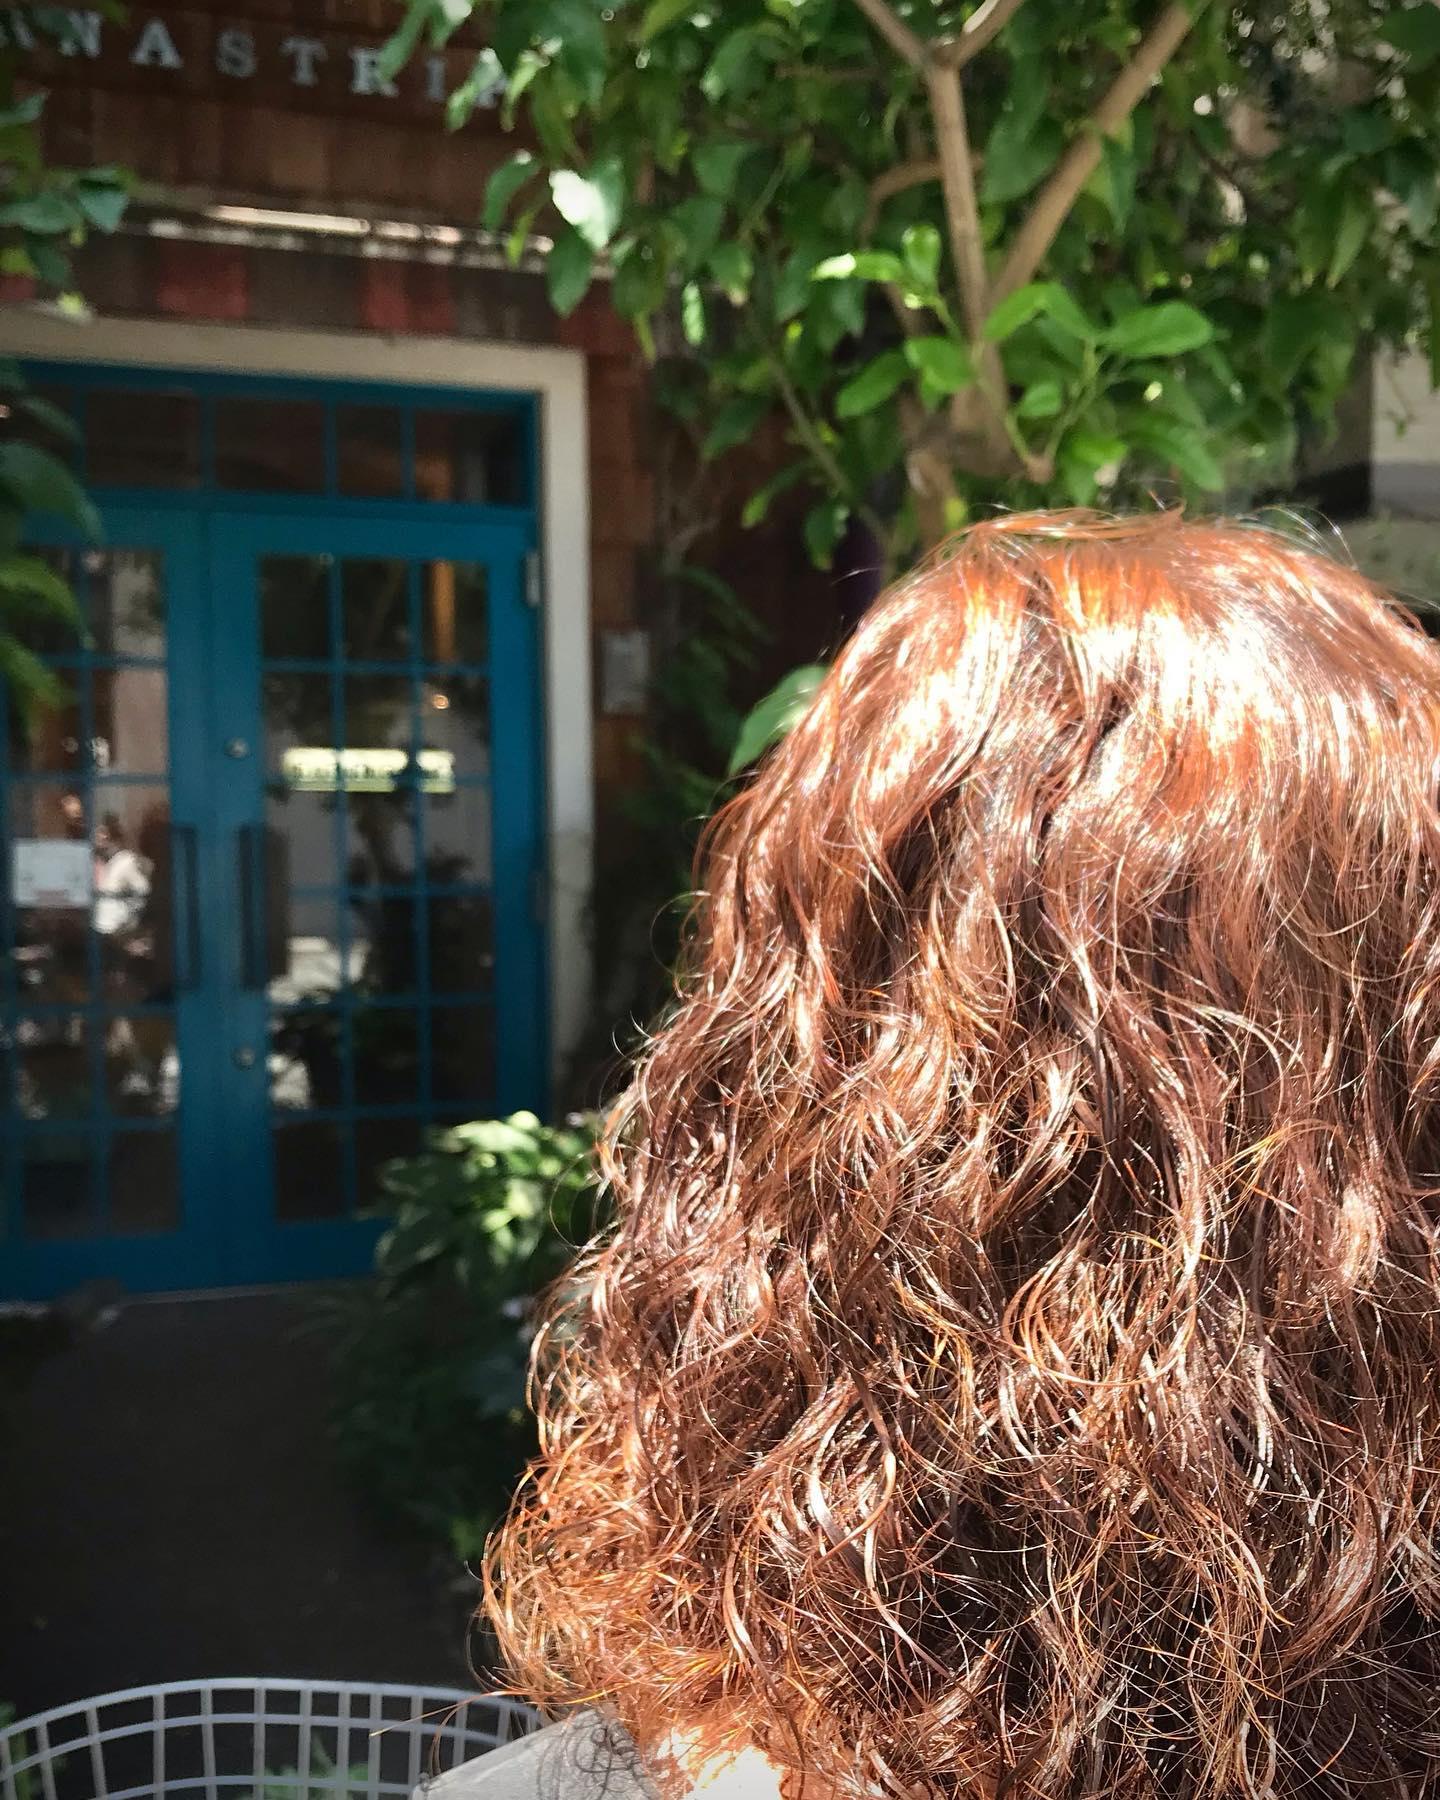 夏 パーマ&カラー #大阪市 #美容室 #havana_stripe #髪型 #hairstyle #beauty #求人 #スタッフ募集